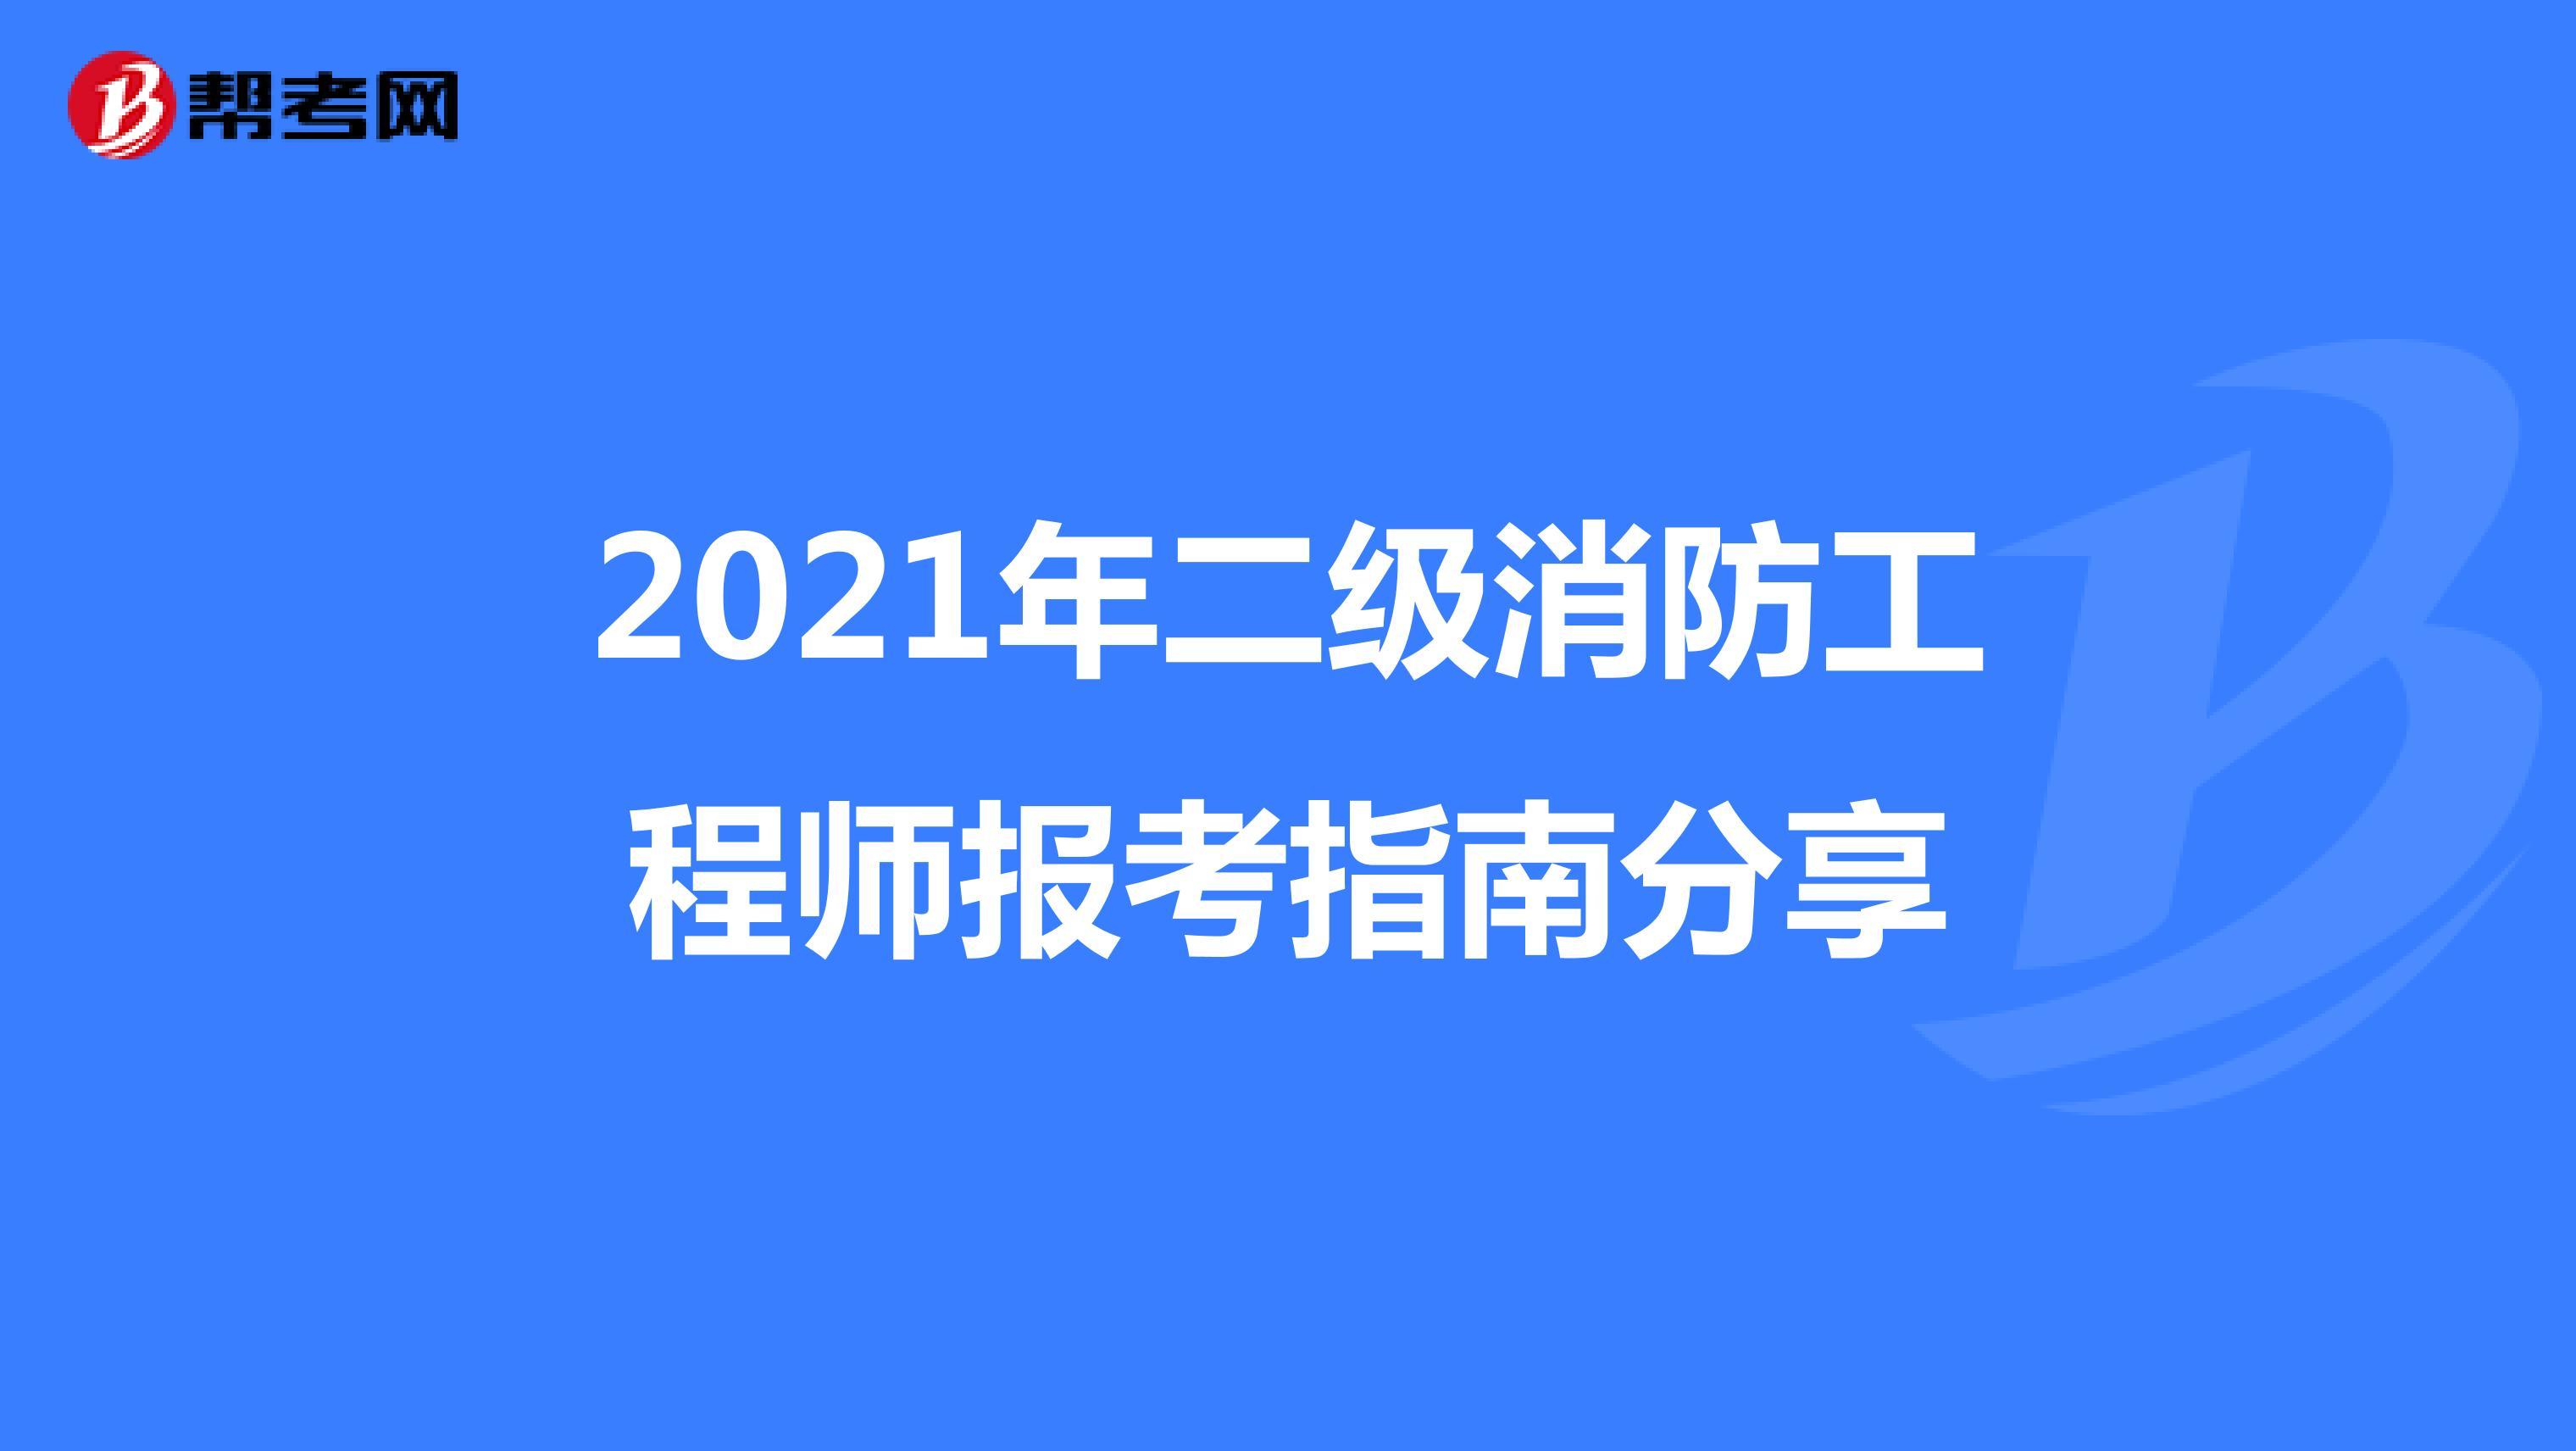 2021年二级消防工程师报考指南分享